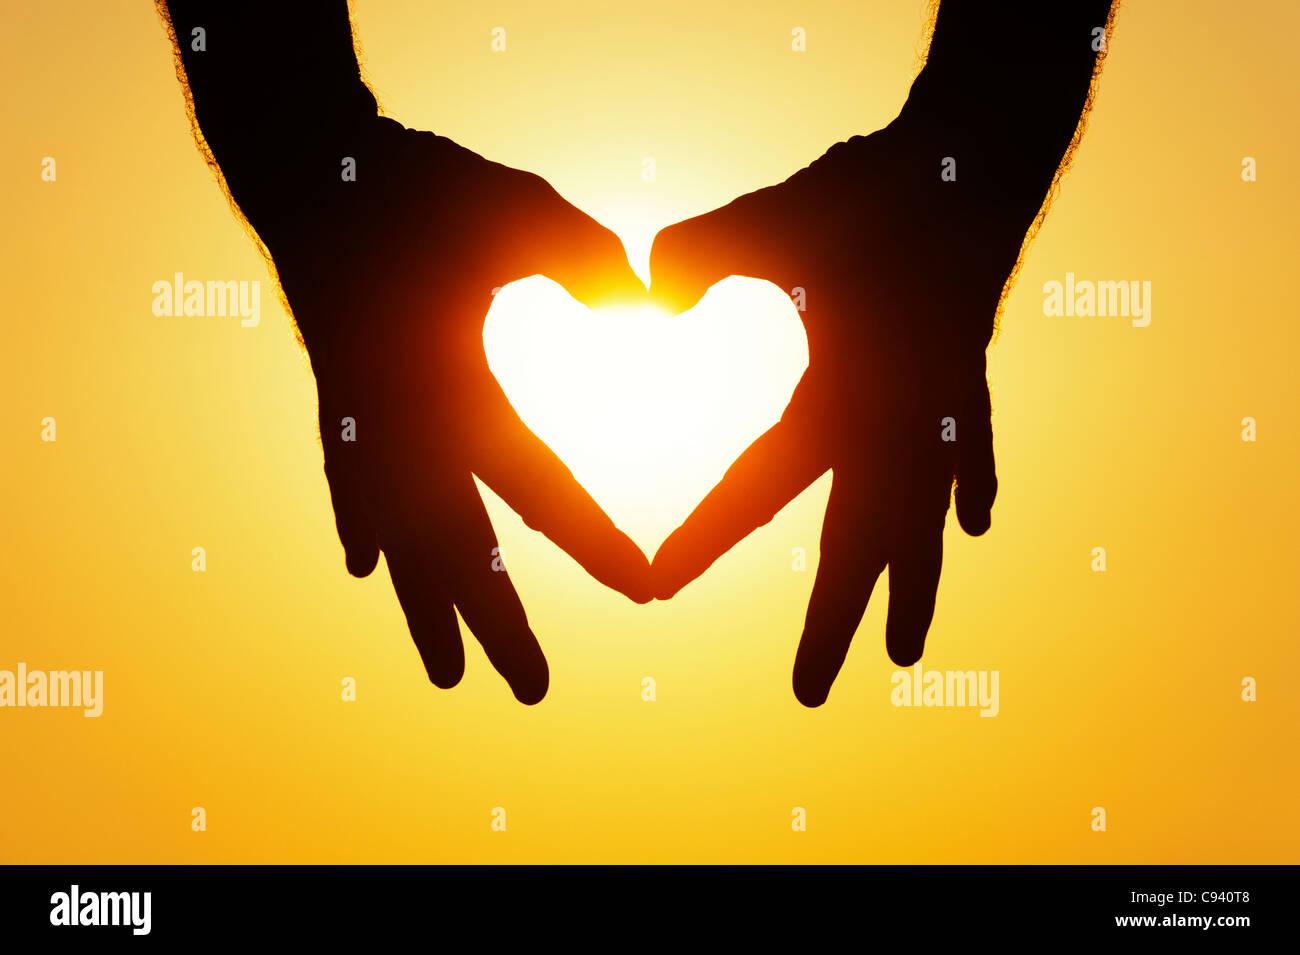 Forme de coeur mains silhouette contre coucher de soleil Photo Stock